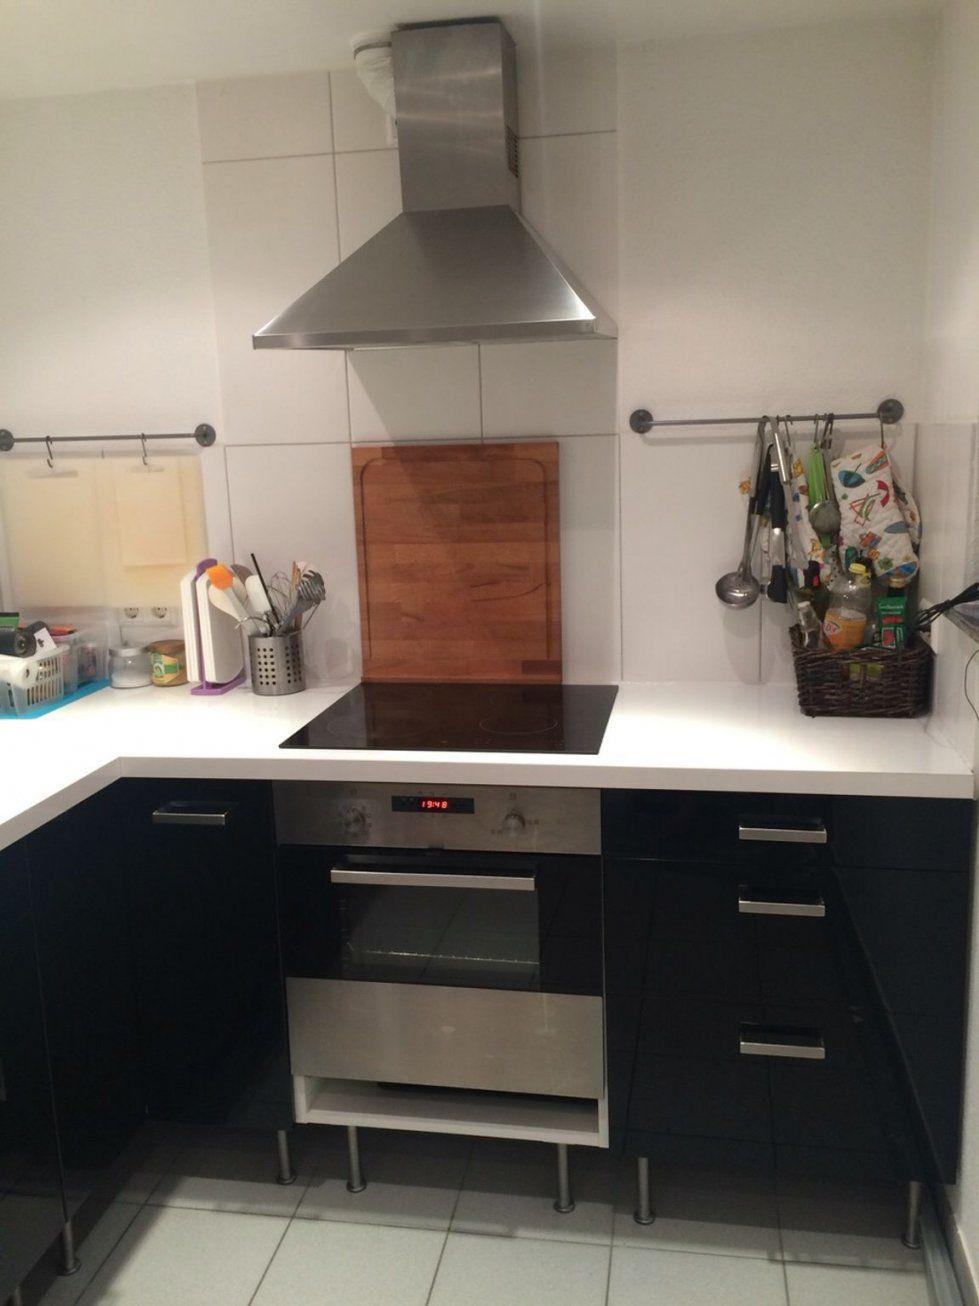 Emejing Küchenzeile Mit Elektrogeräten Ikea Ideas  Globexusa von Ikea Küchenzeile Mit Elektrogeräten Bild